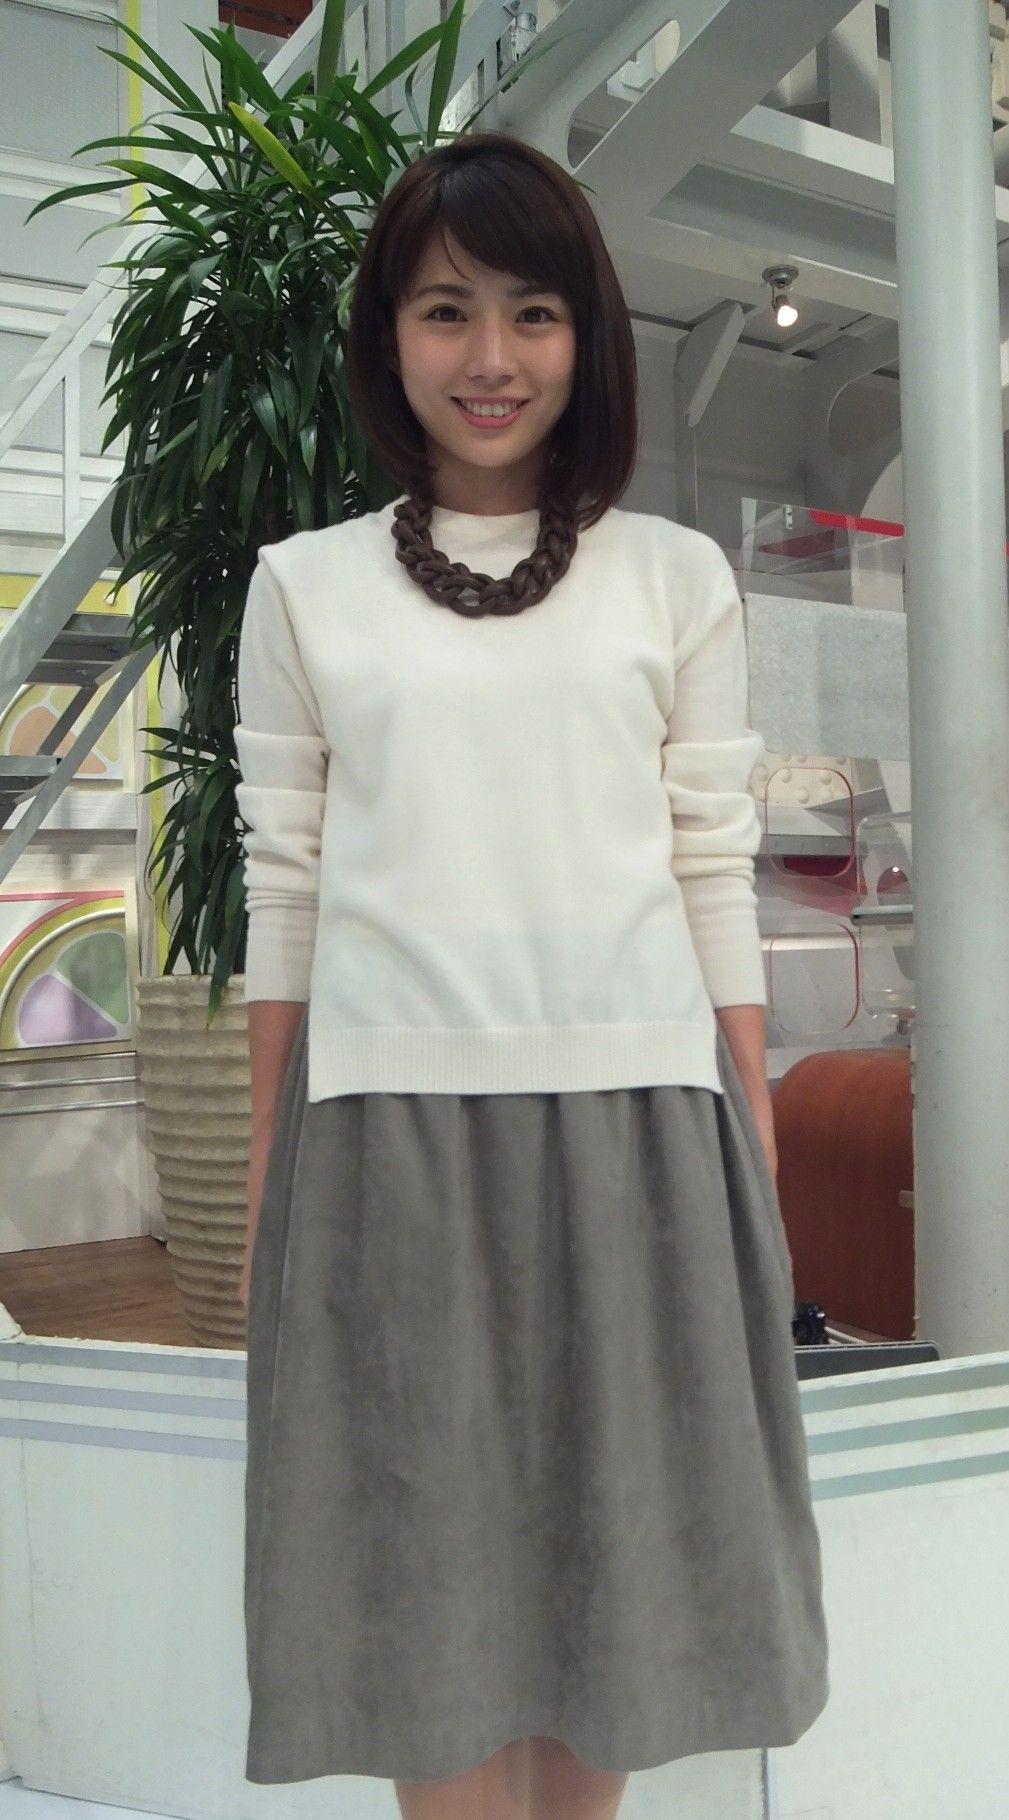 田中萌 (アナウンサー)の画像 p1_37